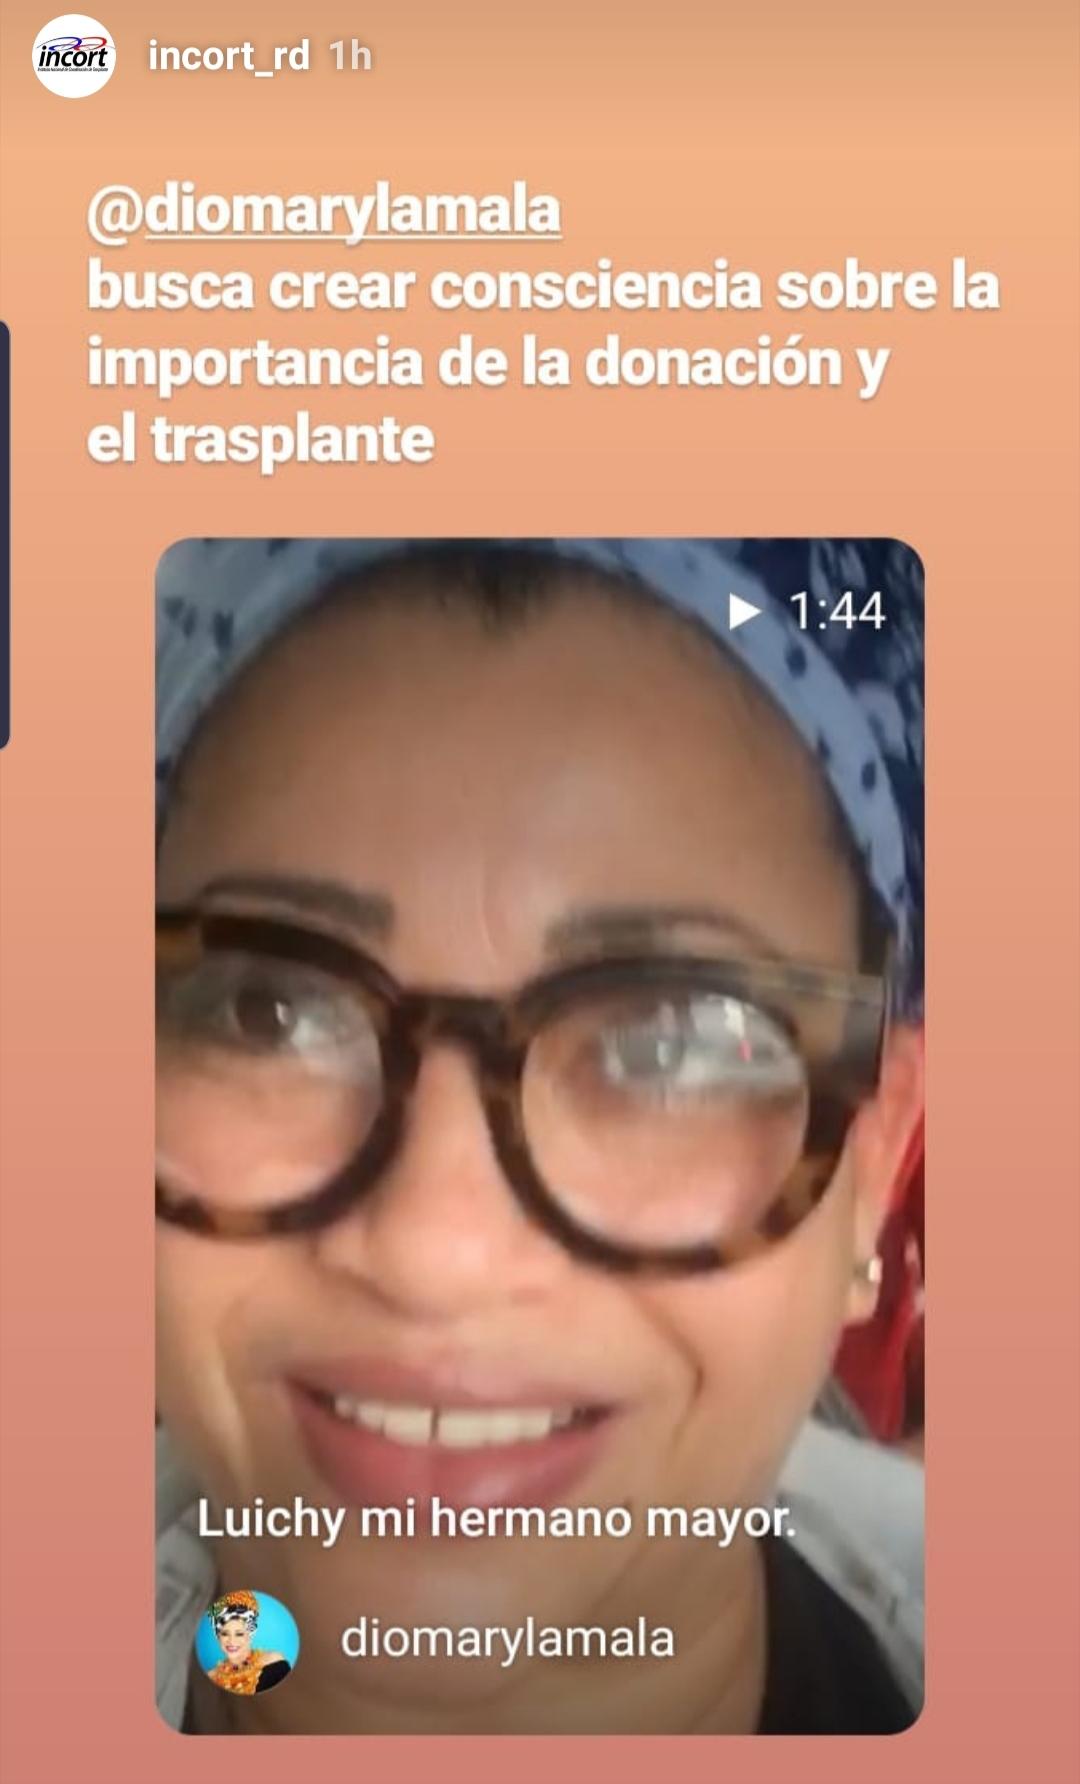 Diomary La Mala busca crear conciencia sobre la importancia de la donación y trasplante de órganos